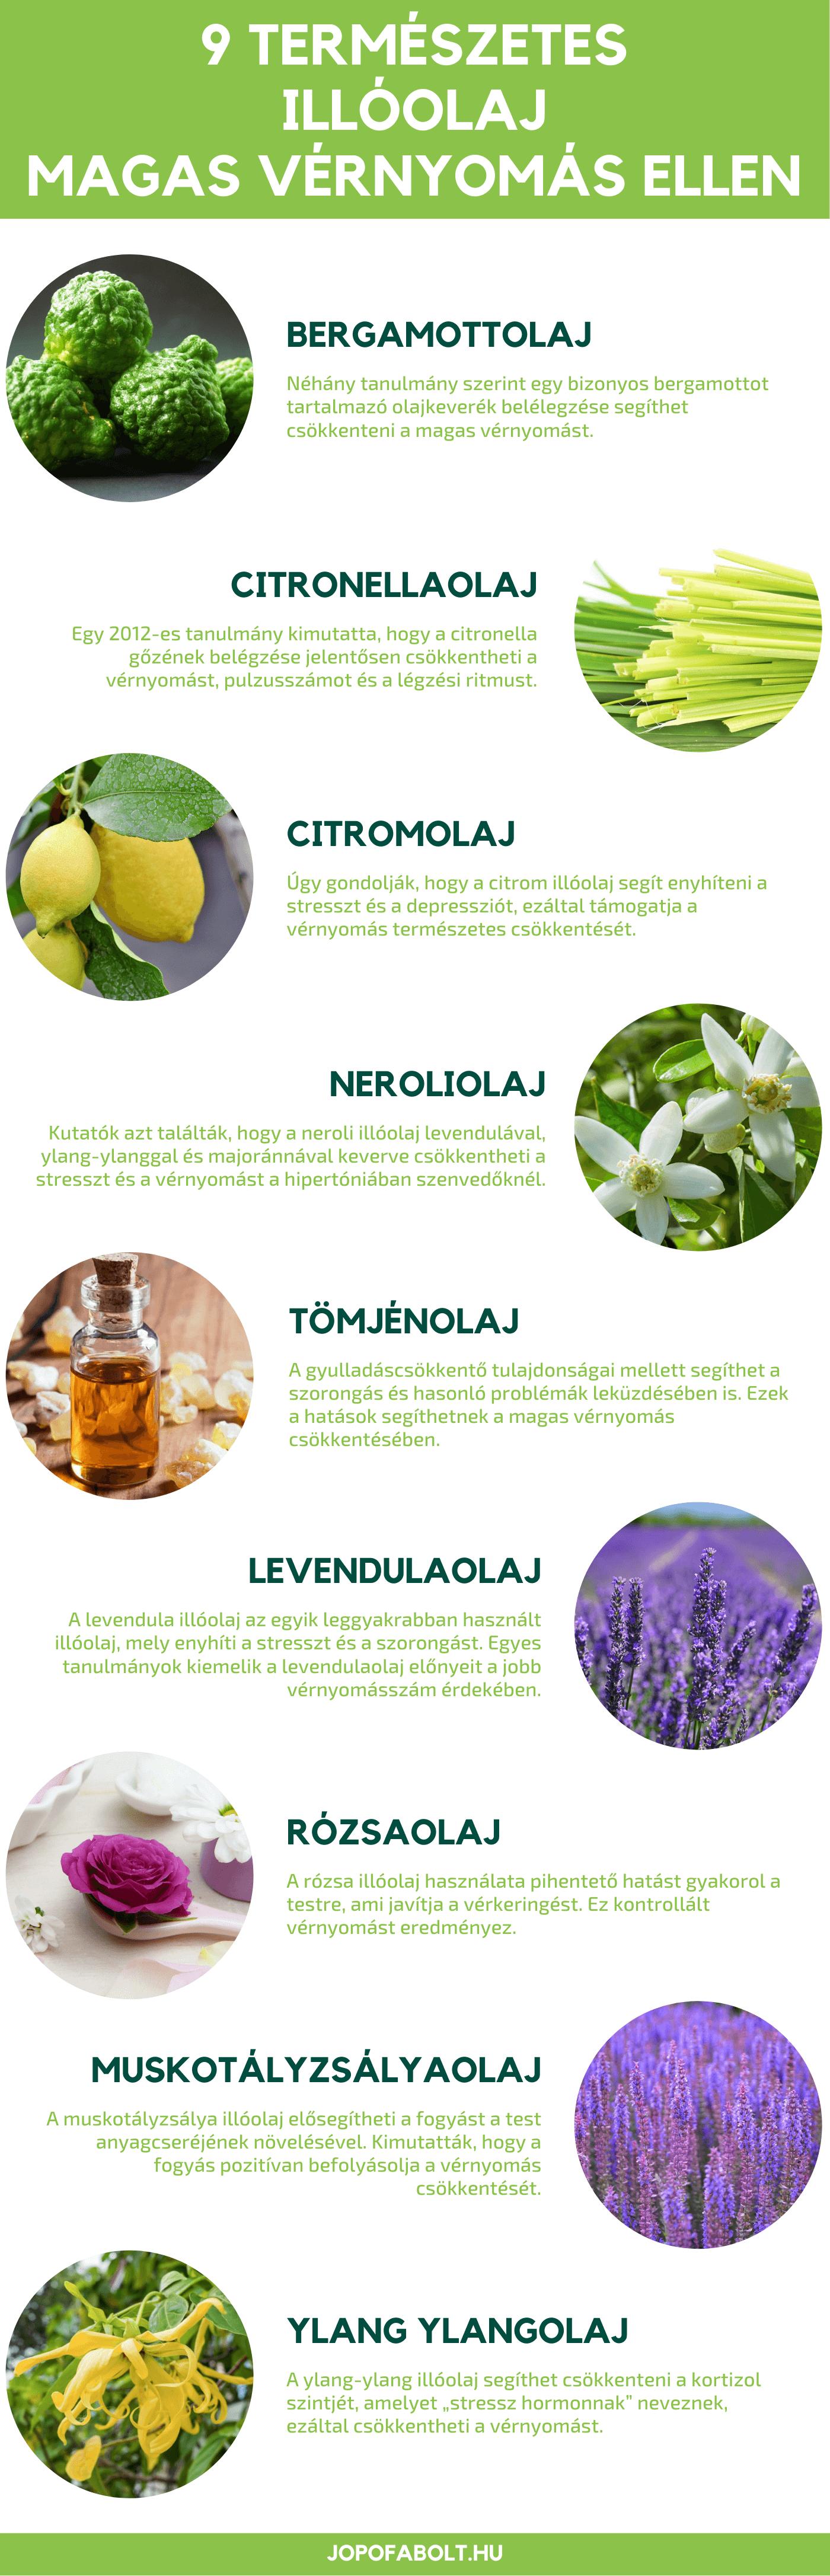 természetes gyógyszerek a fogyáshoz)